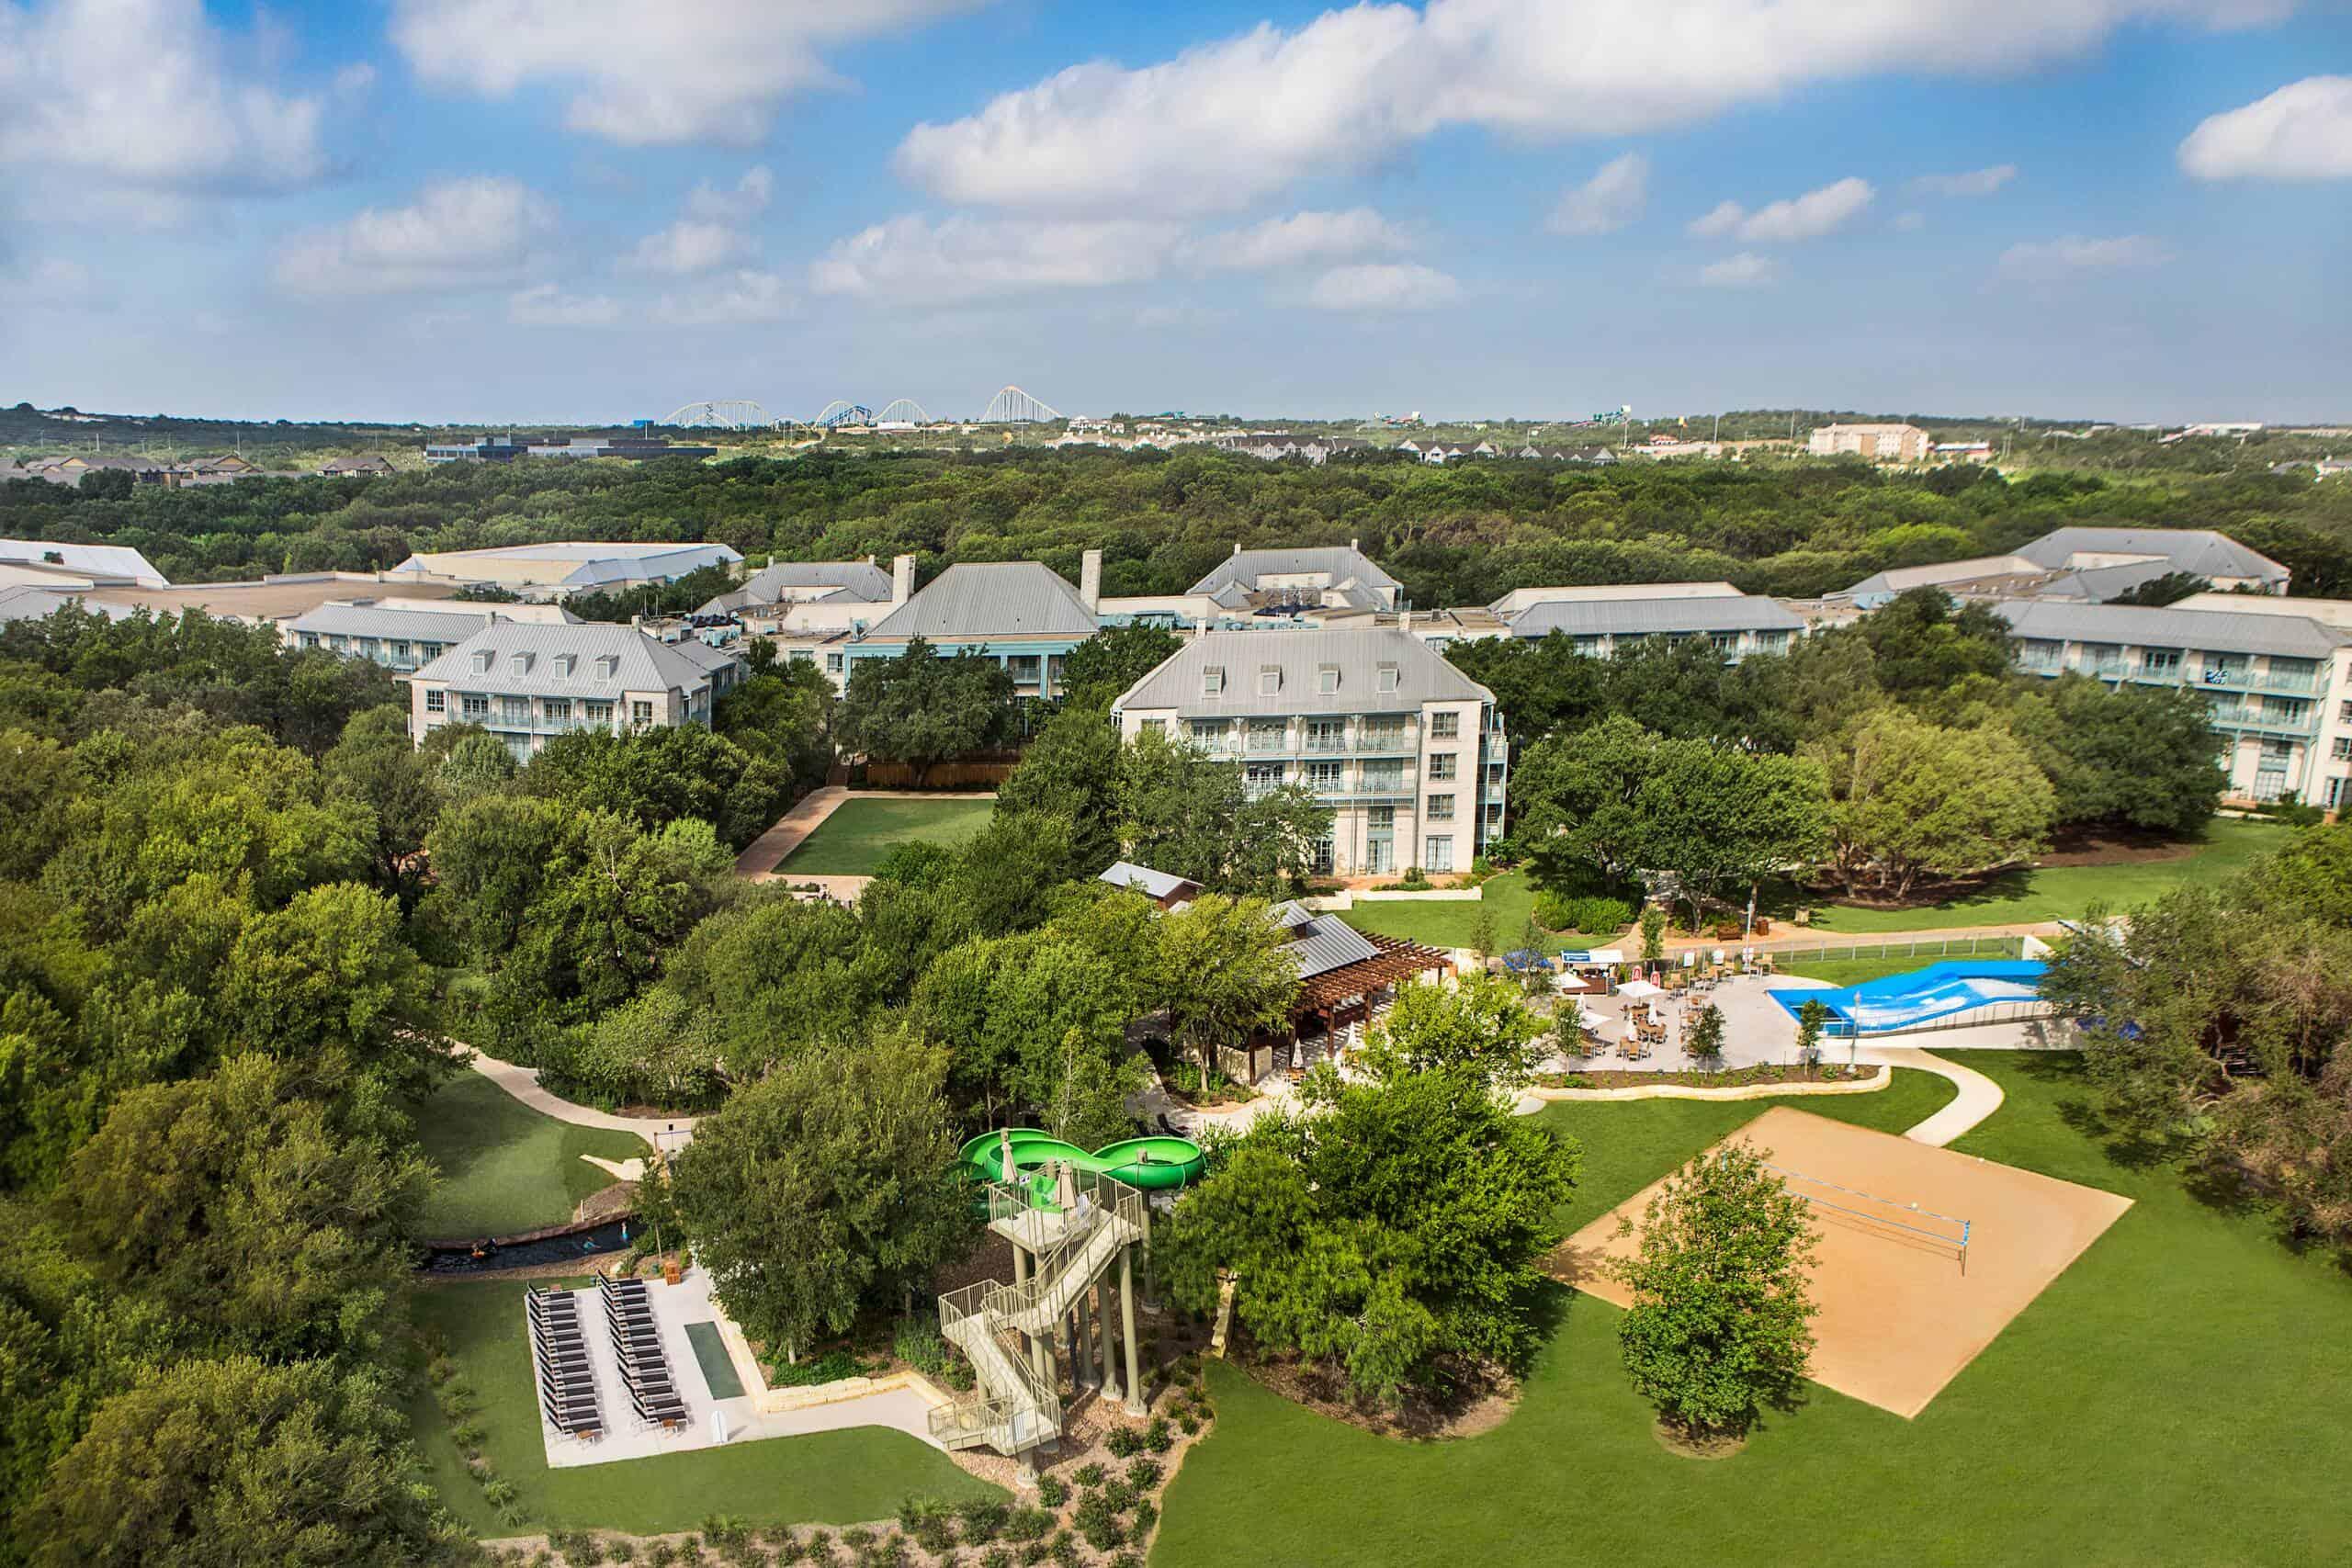 hyatt annual free nights | Hyatt Regency Hill Country Resort and Spa